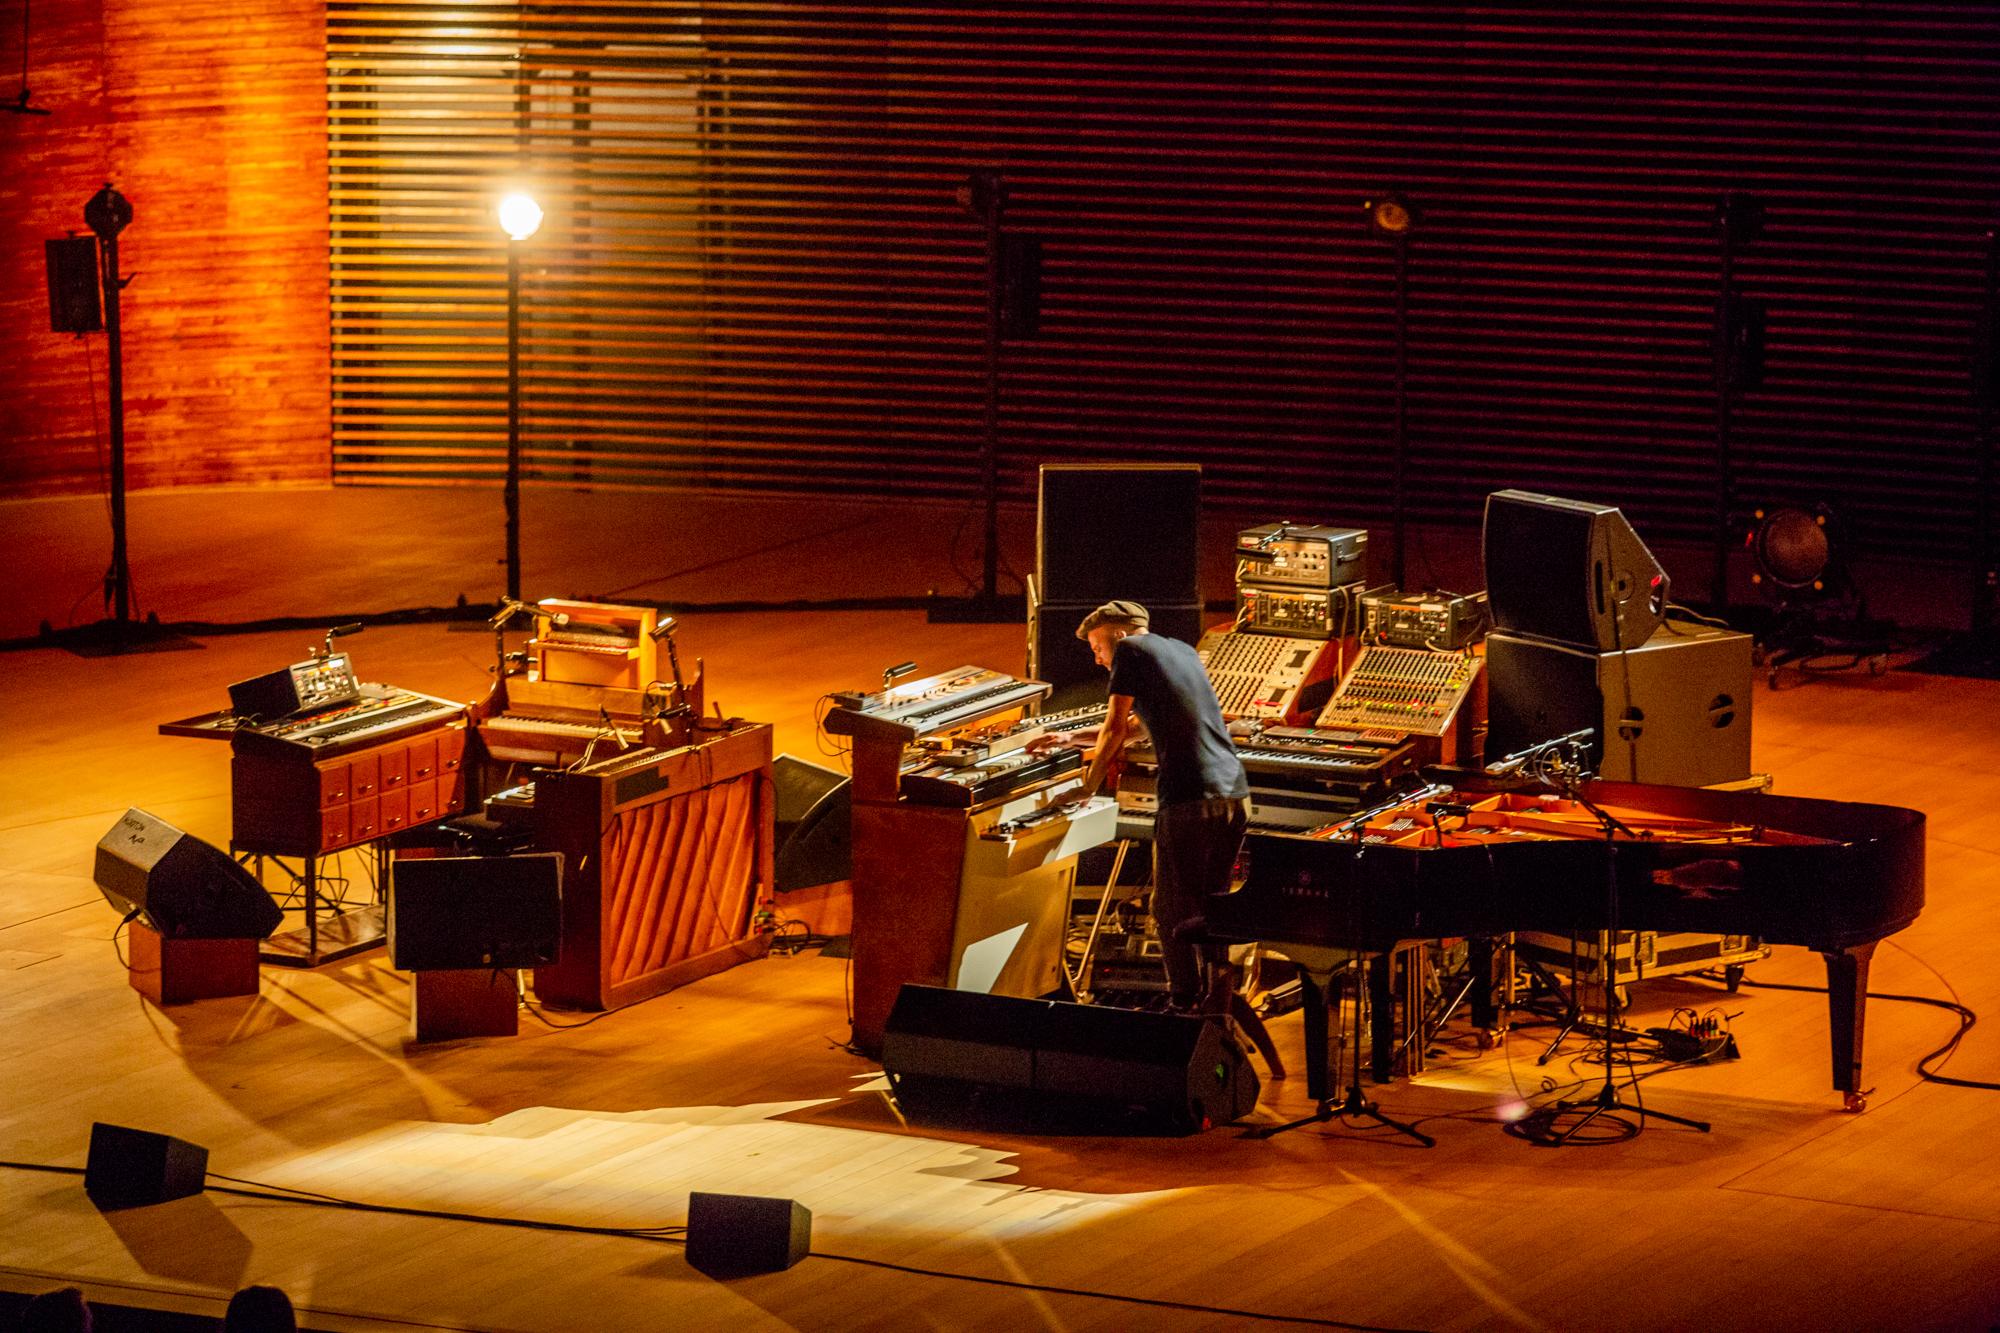 Нільс Фрам під час концерту у NOSPR (Катовіце) в рамках фествалю Tauron Nowa Muzyka Katowice Фото: Олексій Карпович